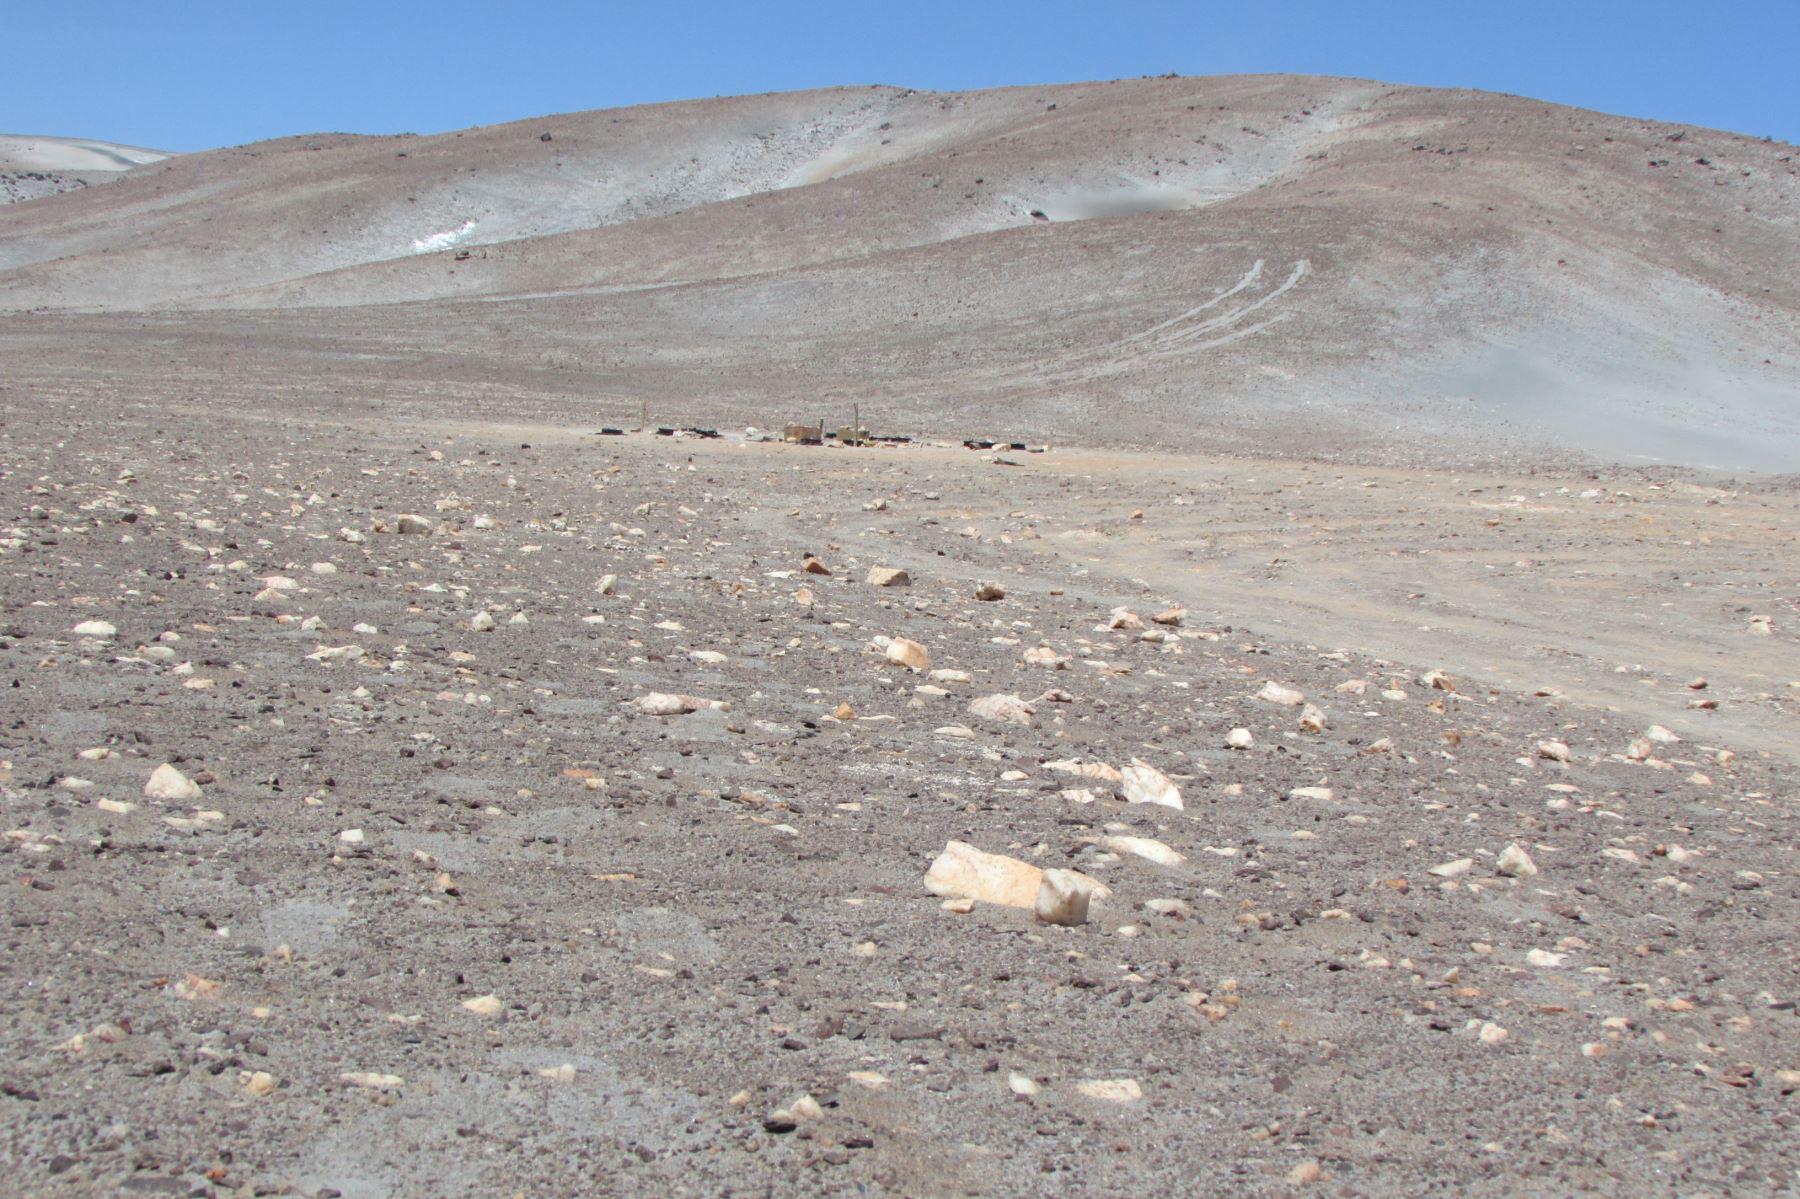 Diez estudios se desarrollaron en el desierto arequipeño de La Joya, que tiene grandes similitudes geoquímicas y geofísicas.